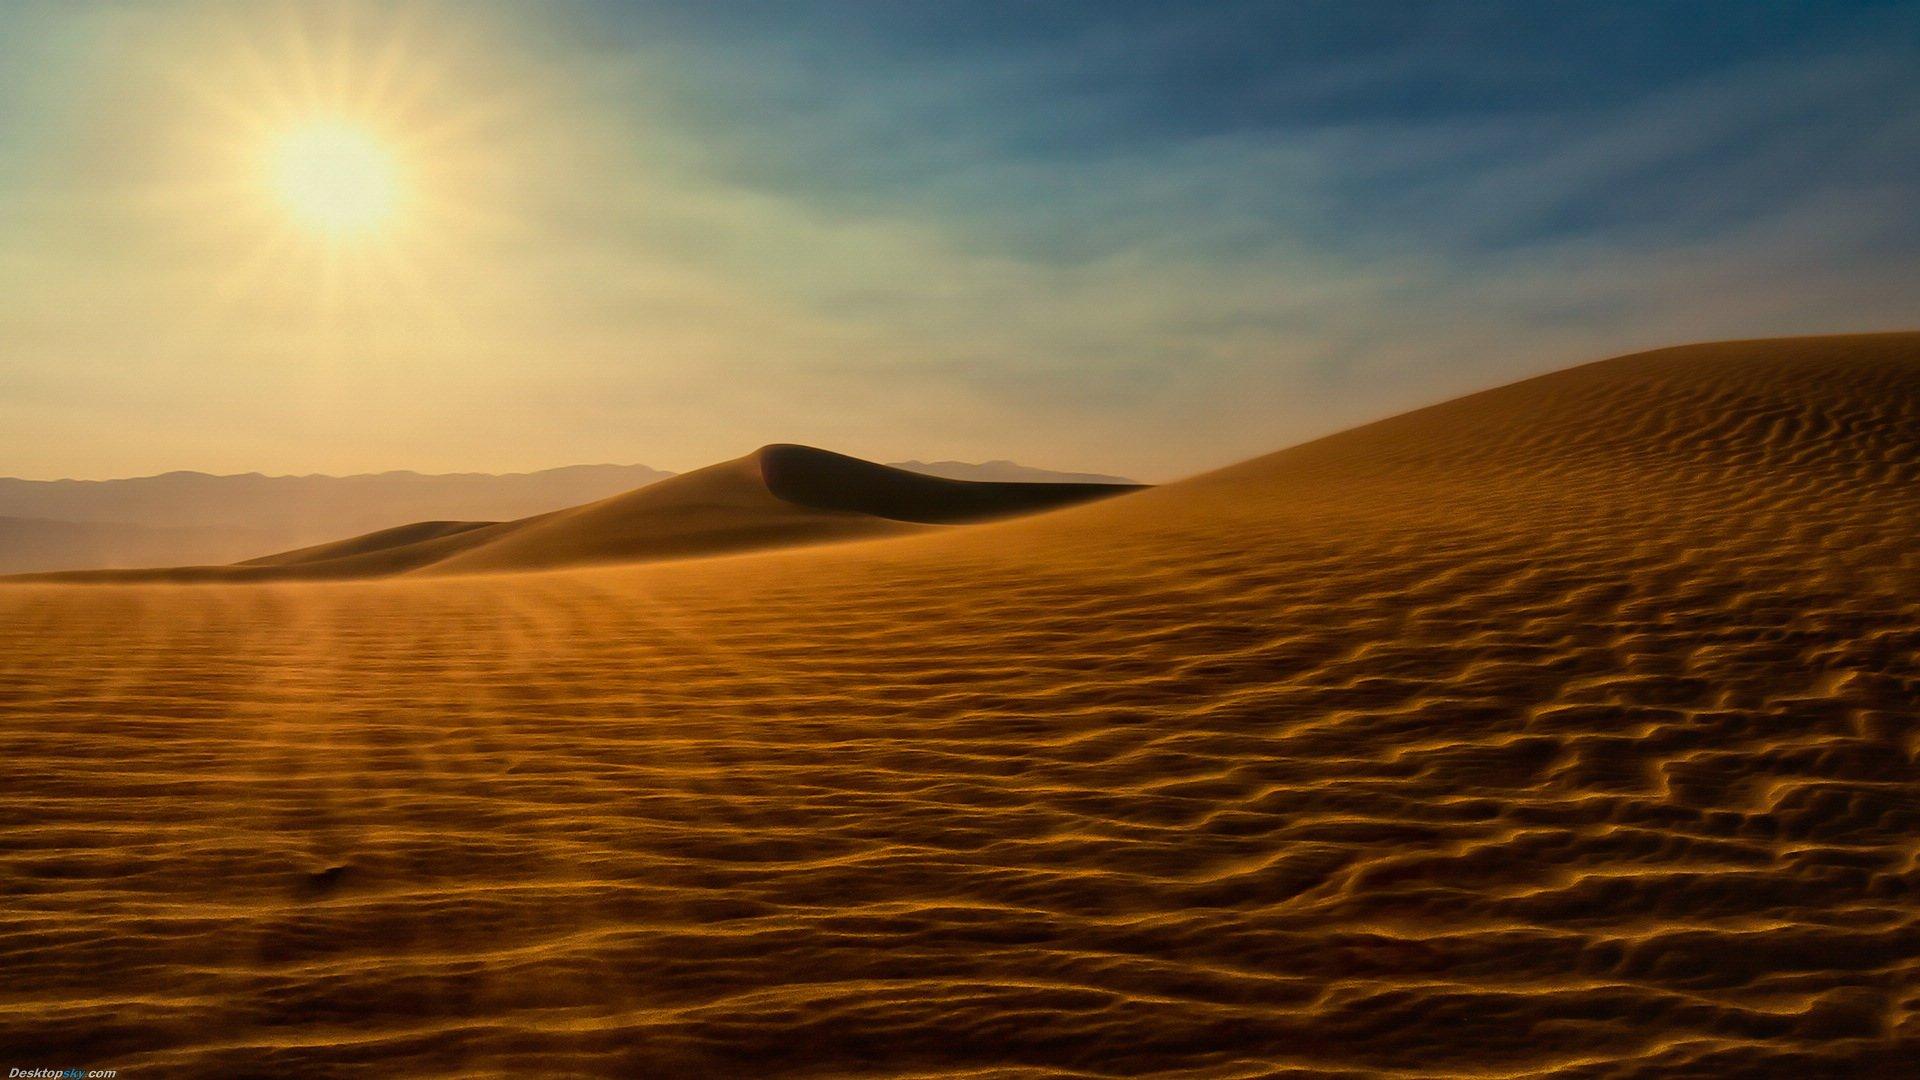 沙漠里没水没电没信号,公路是怎么修建的?答案出人意料